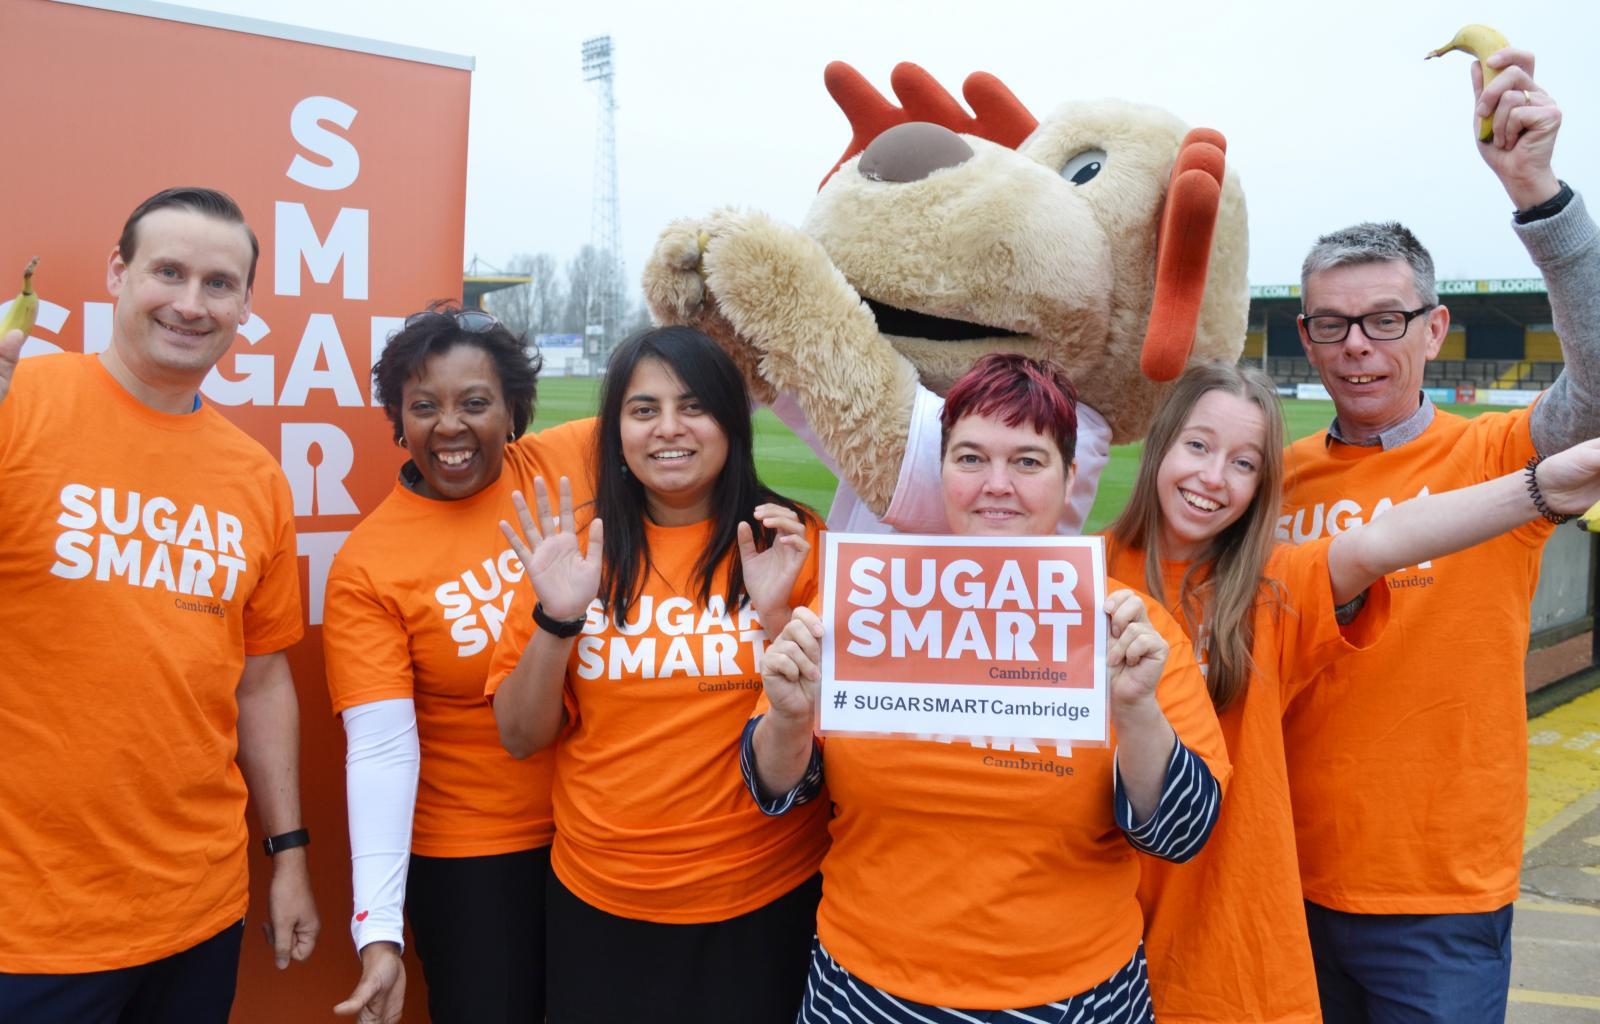 Sugar Smart Cambridge